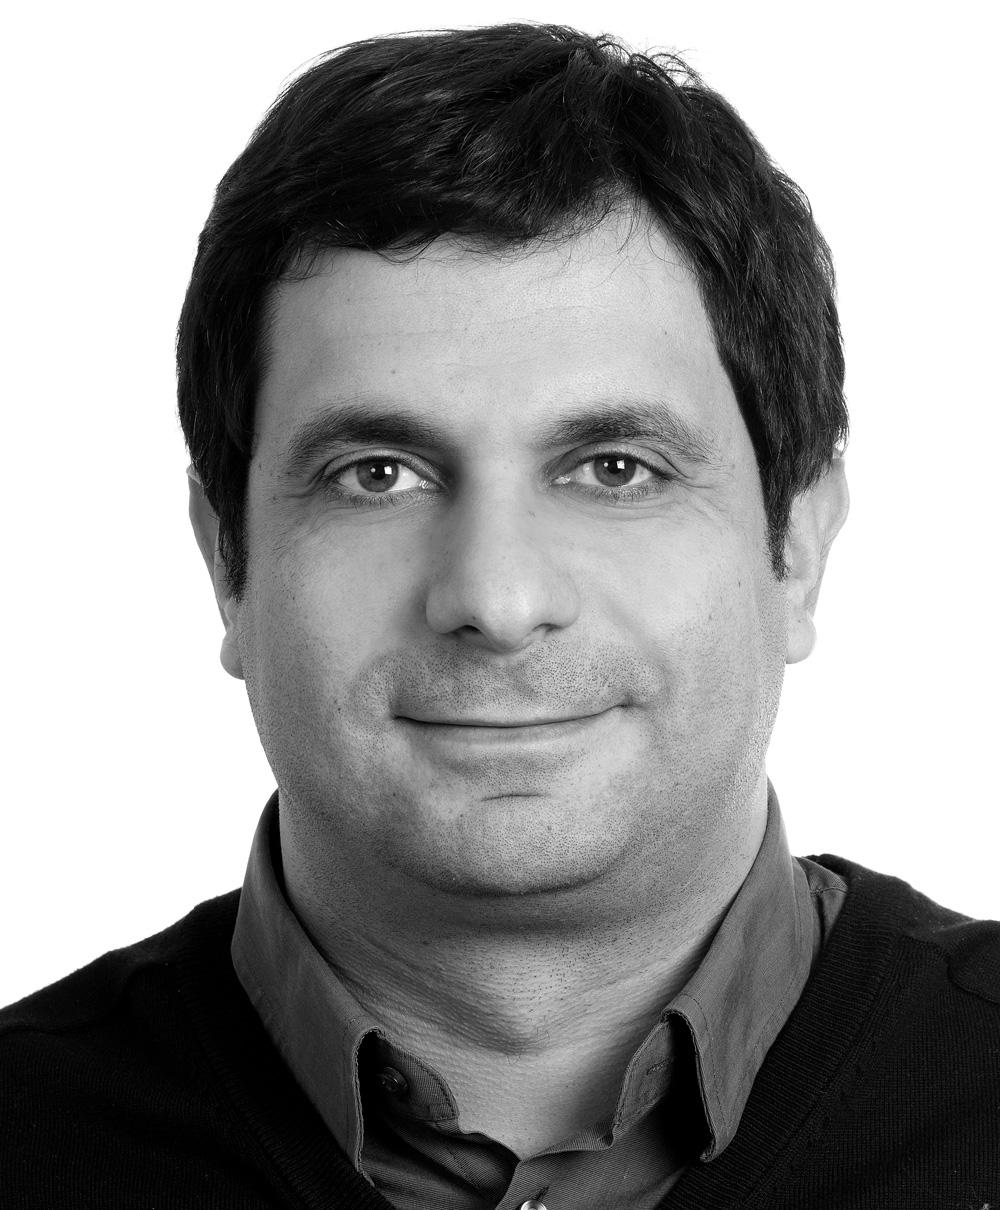 Headshot of Walid Bakhos